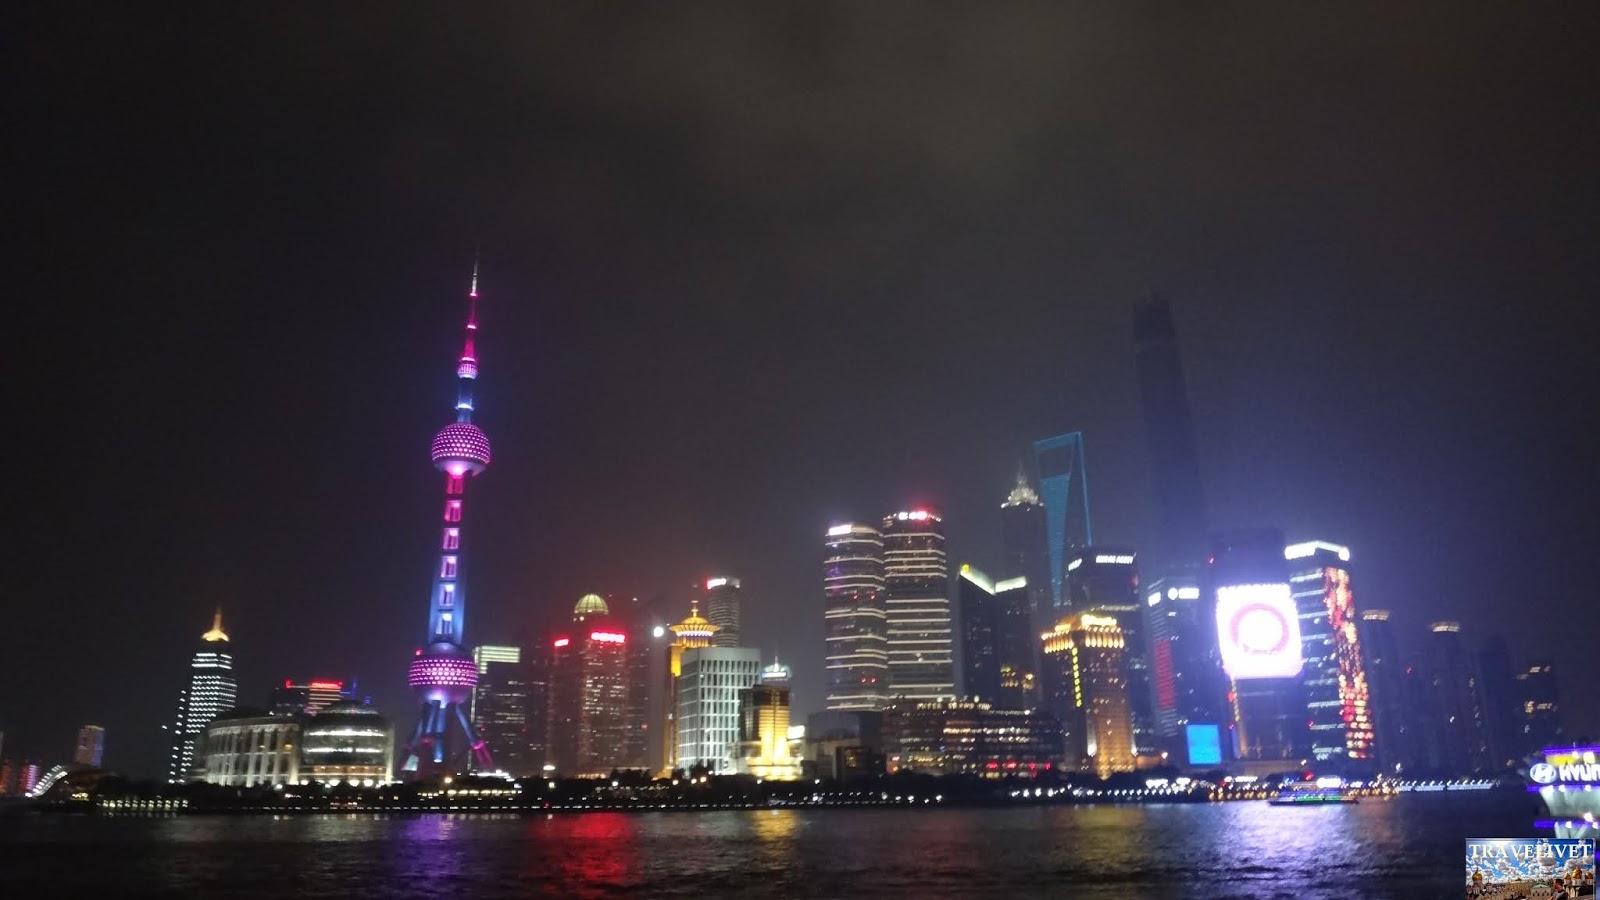 Chine China shanghai bund nuit